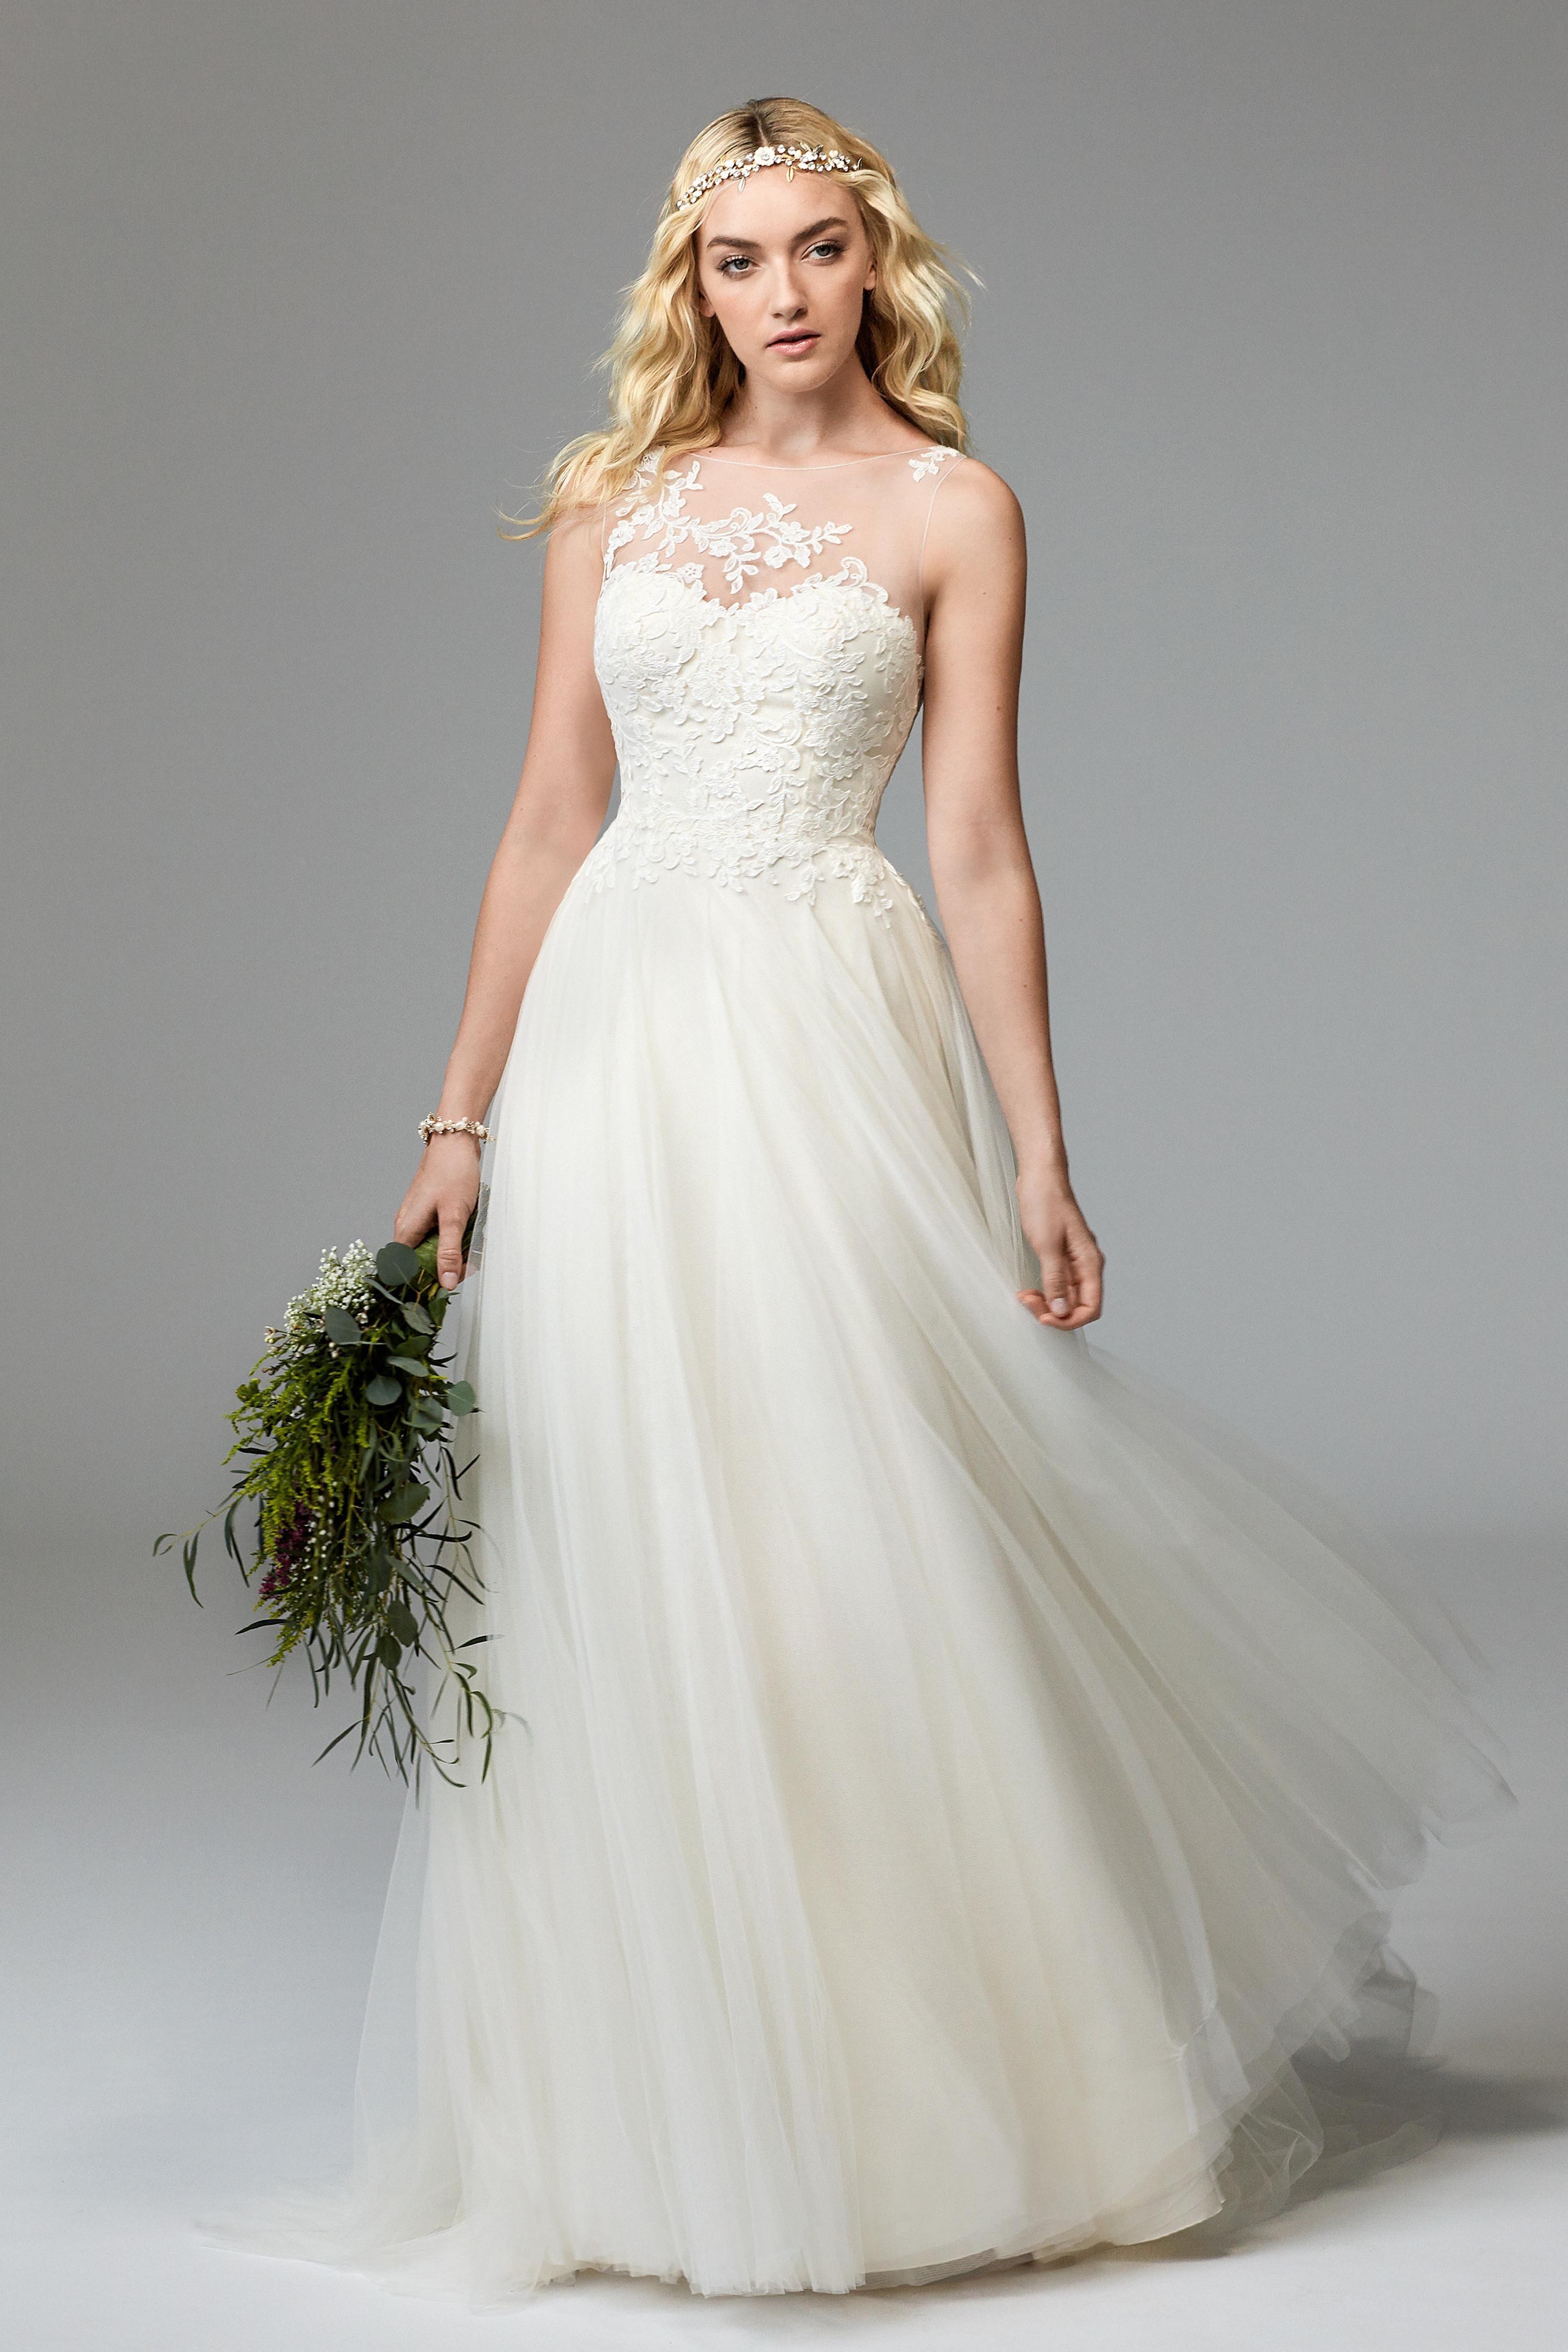 Pin von ANNA MODA auf Brautmode | Pinterest | Brautkleider ...